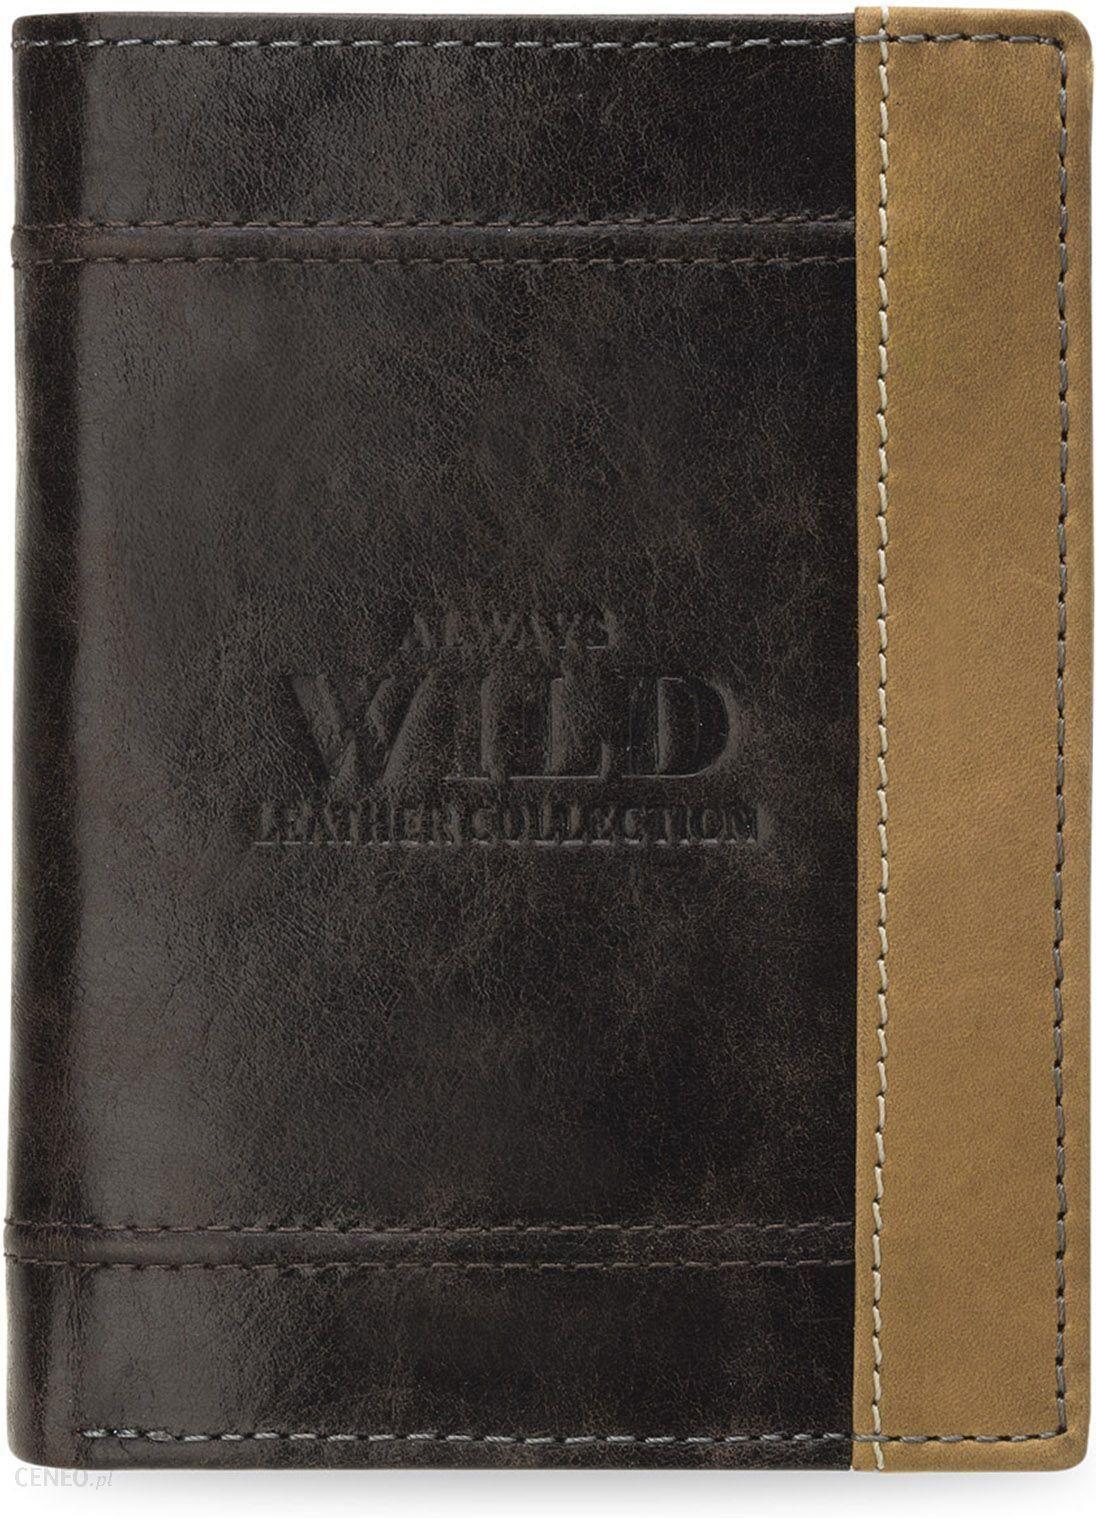 f0832d3504305 Składany portfel męski always wild skóra naturalna - brązowy - zdjęcie 1